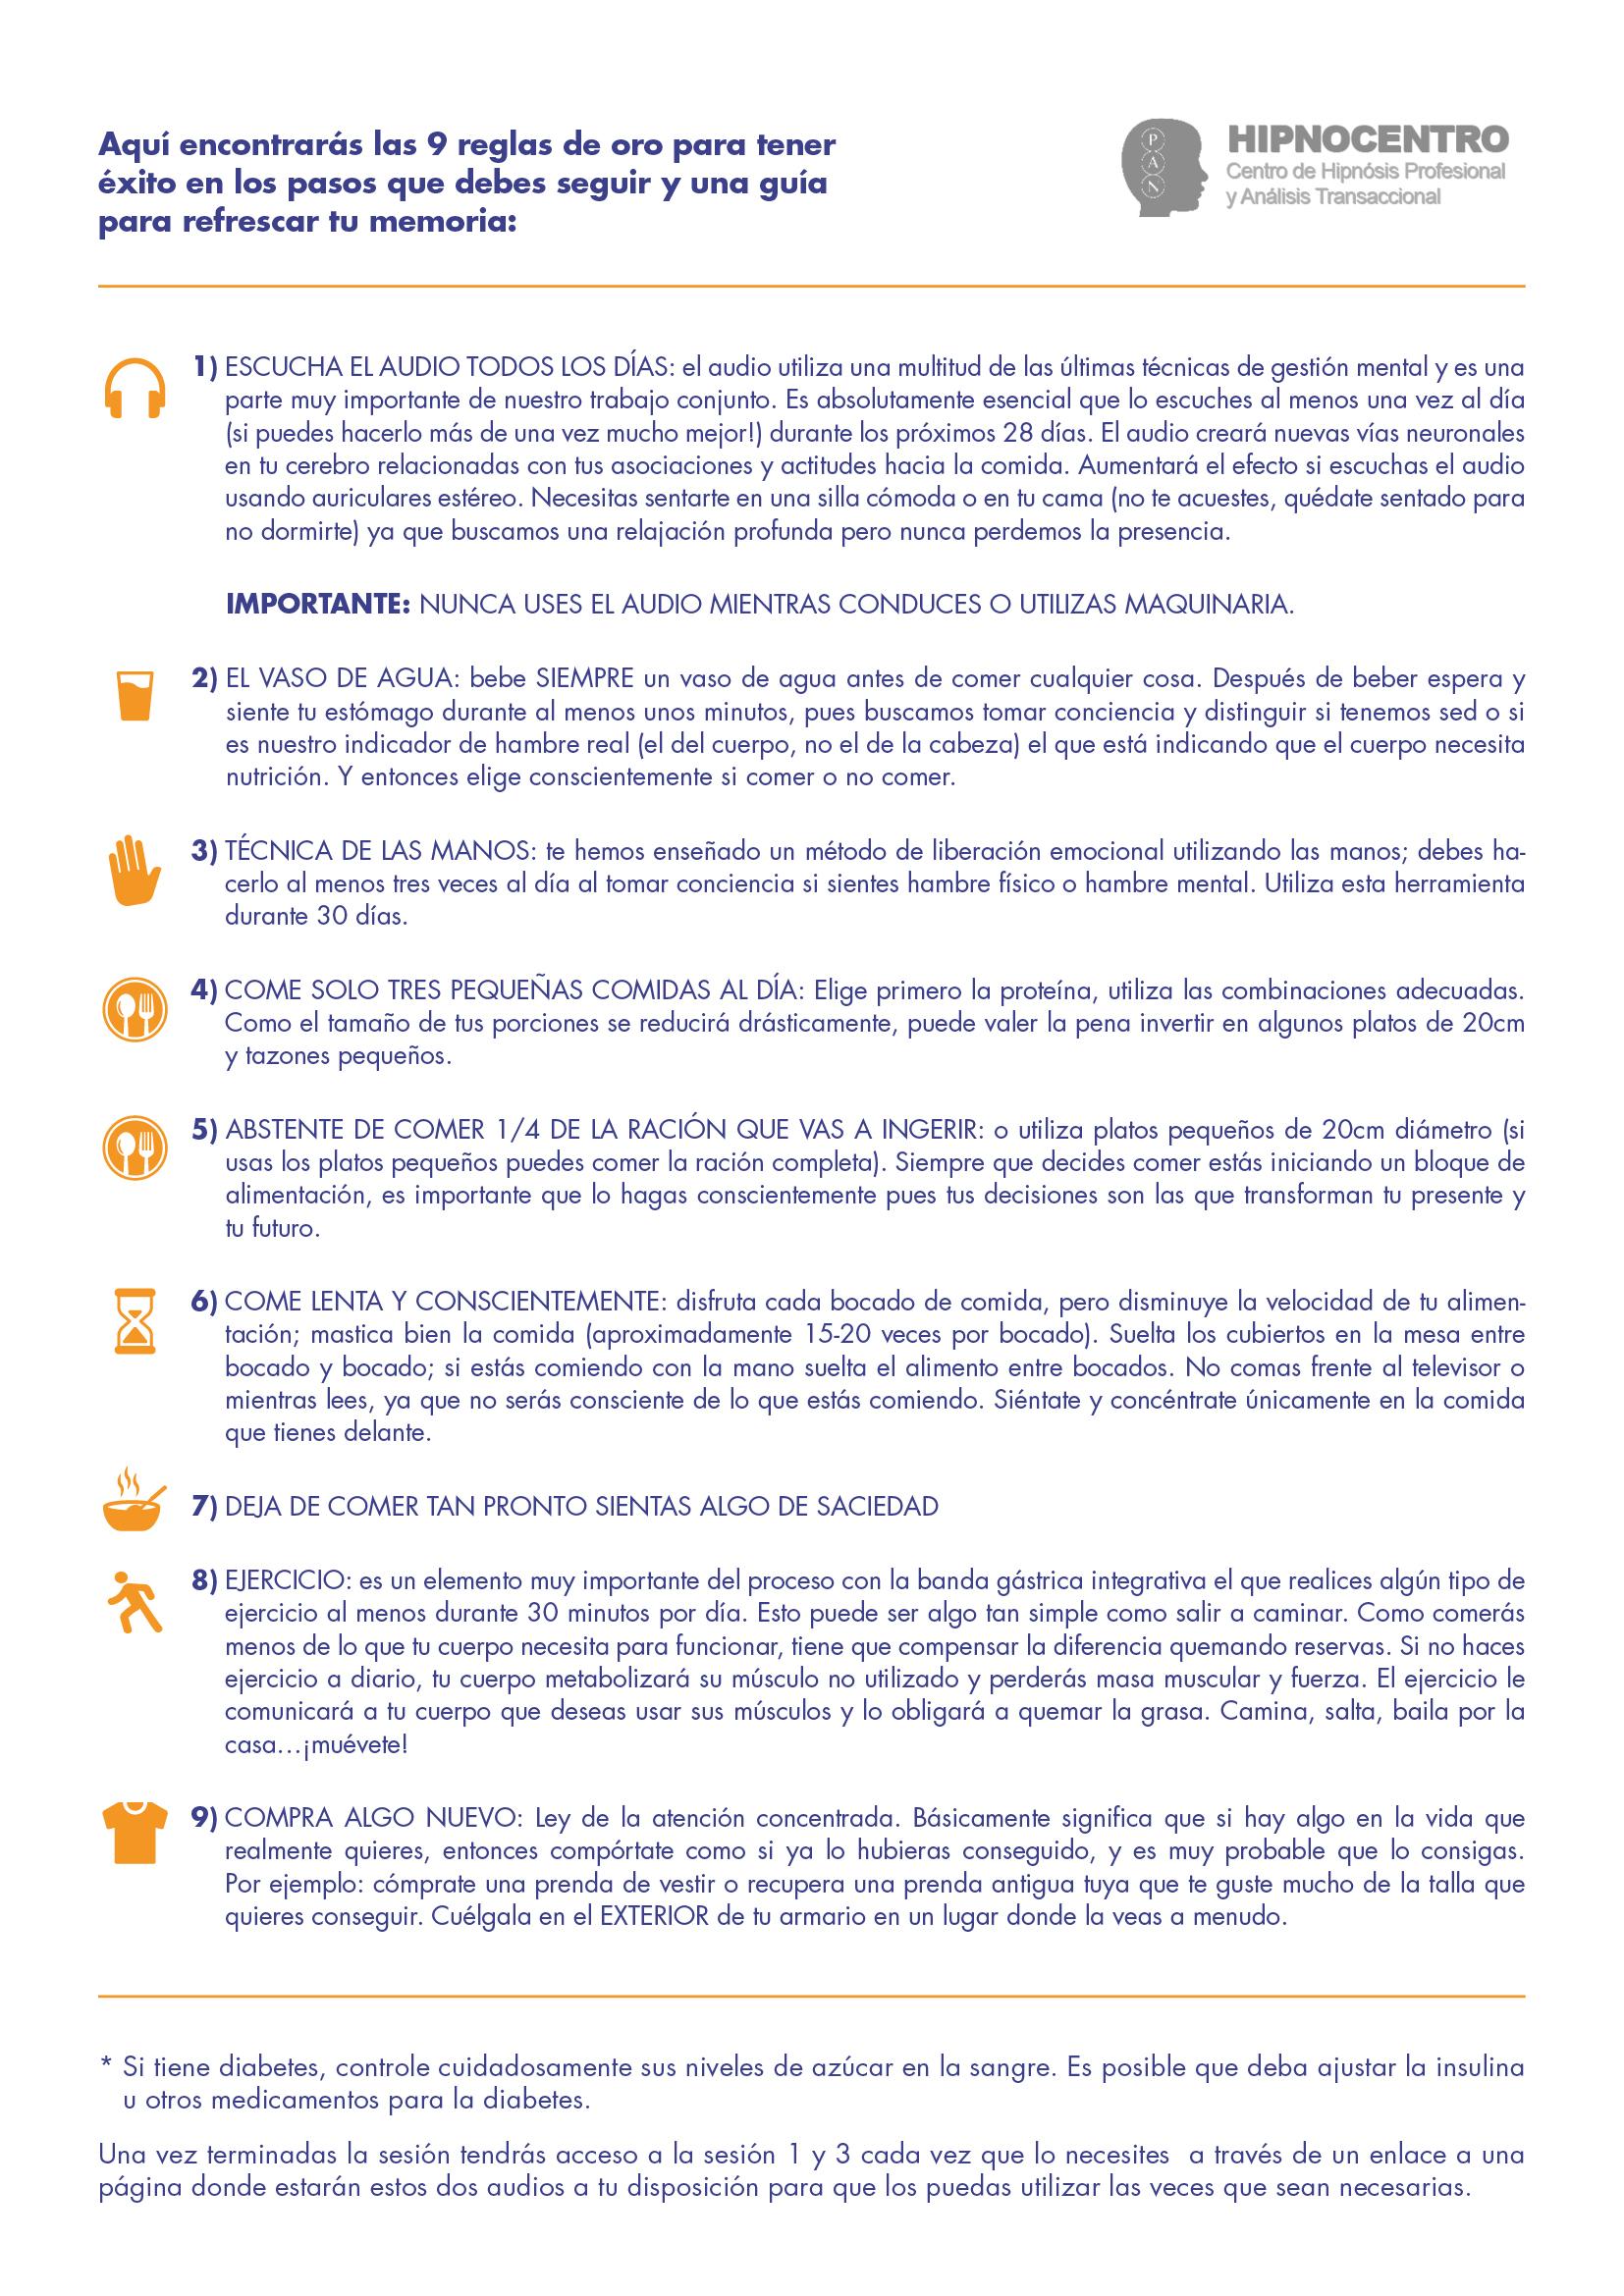 Las 9 reglas de oro Banda Gástrica Integrativa®